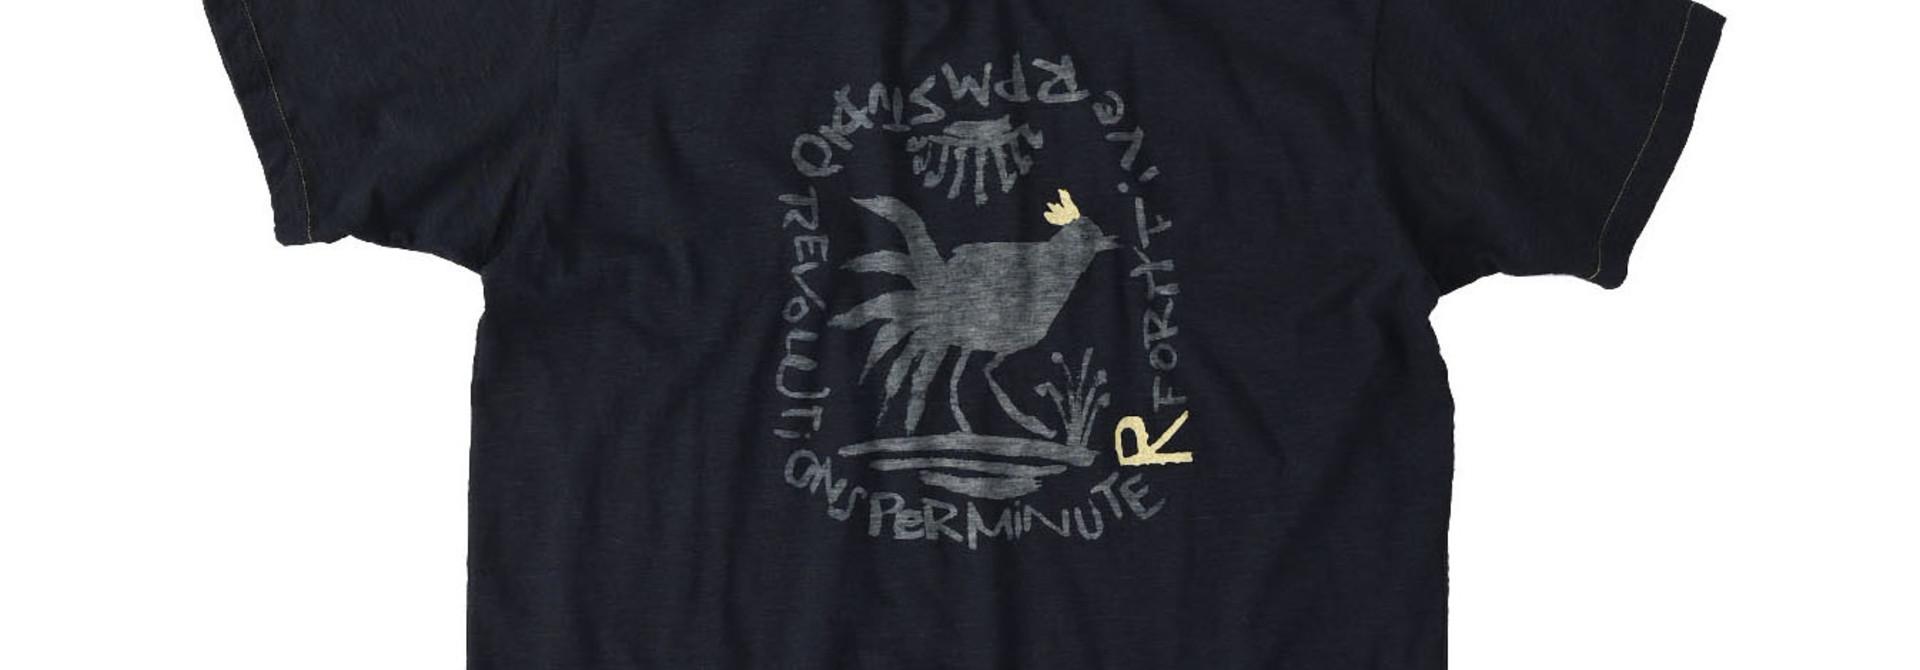 Indigo Sumite de Chicken T-shirt